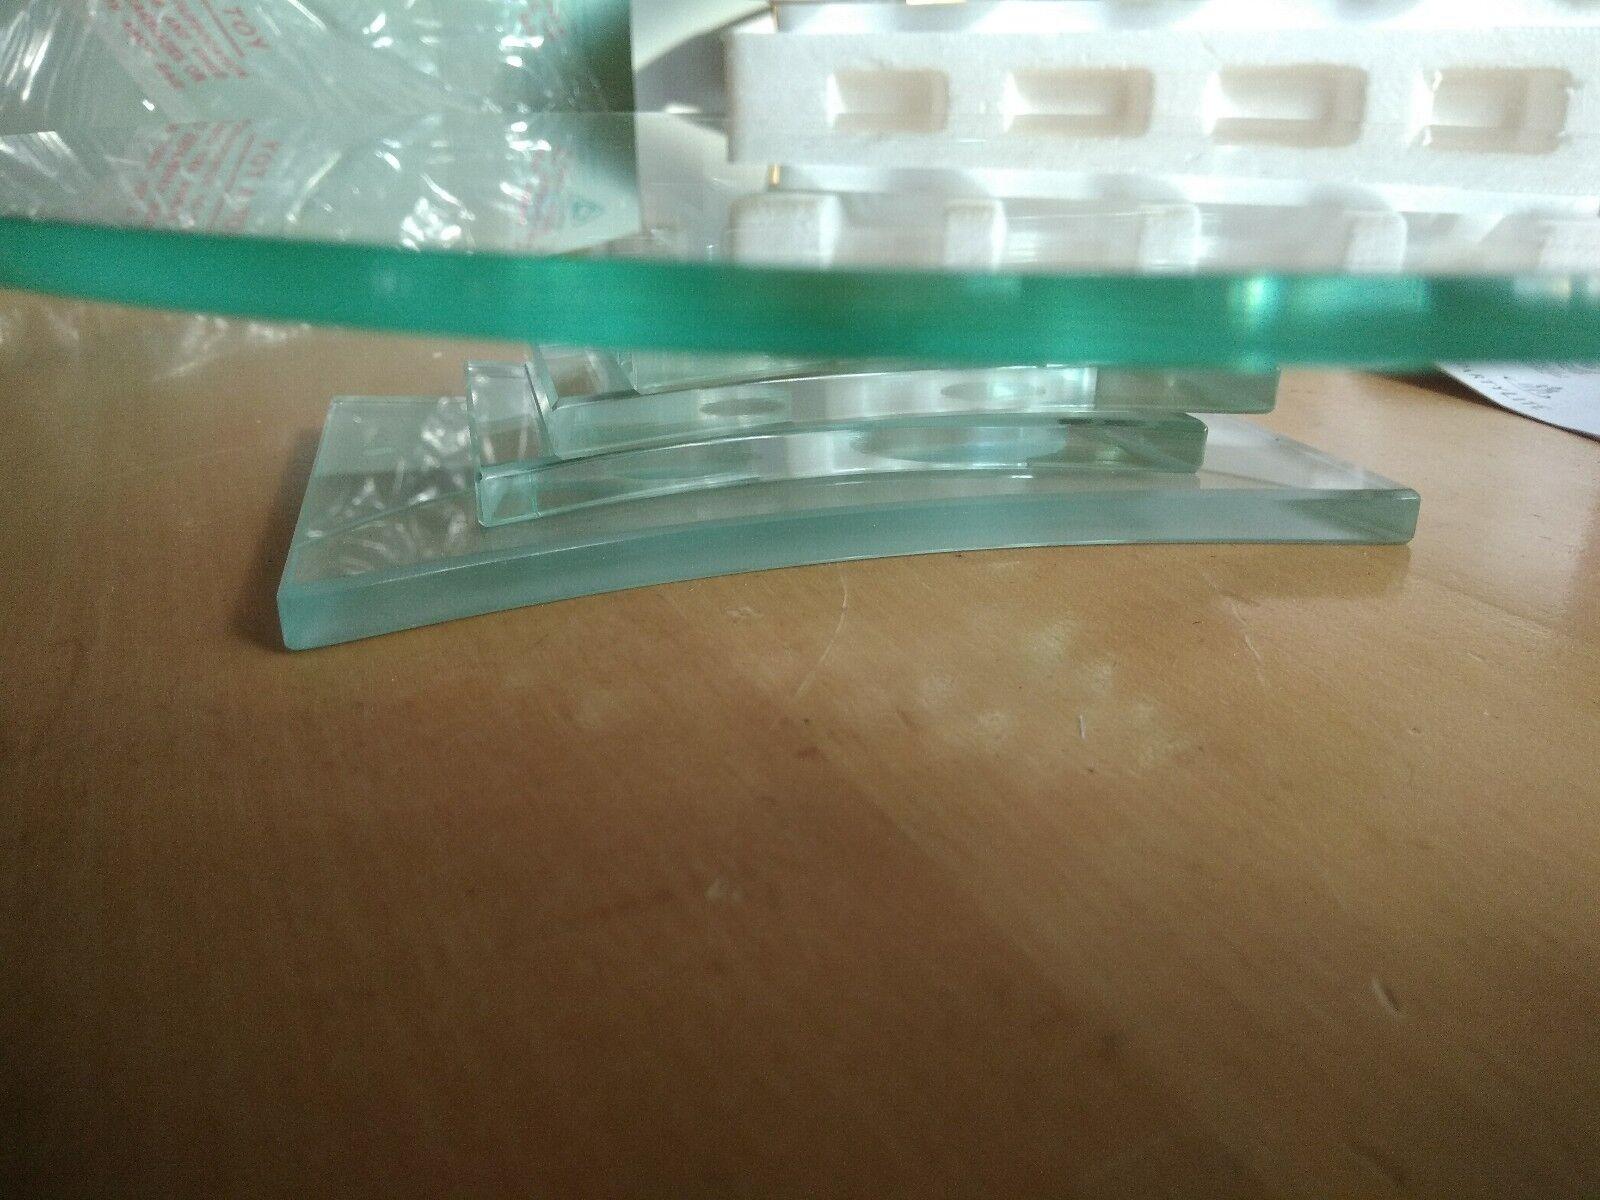 Partylite 3-Docht Kerzenhalter Kerzenhalter Kerzenhalter der Serie  Stratus   NEU OVP  | Zu einem niedrigeren Preis  1c82cb